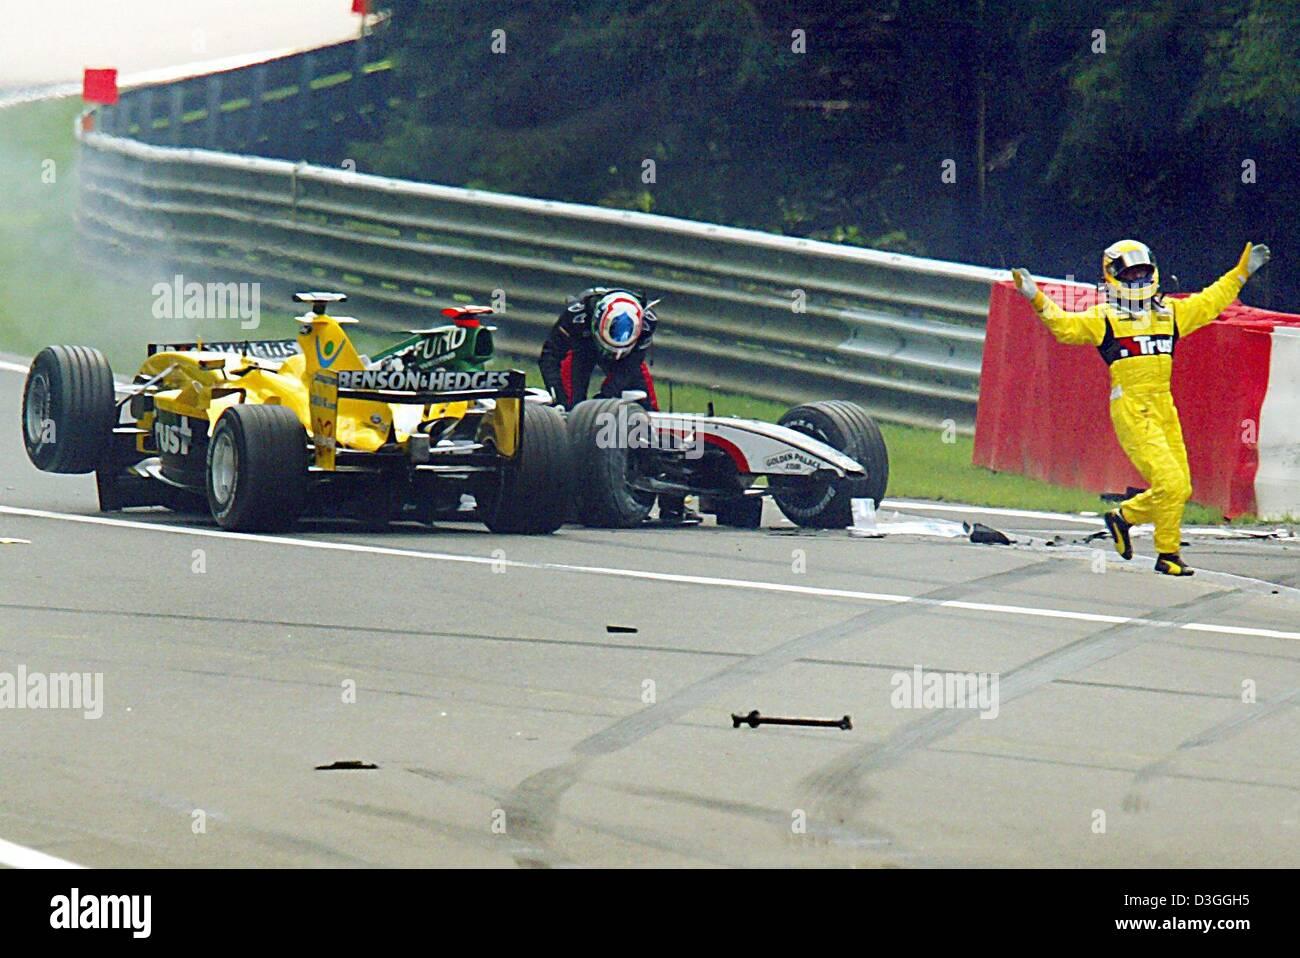 super populaire 3bd8f 979f8 dpa) - Italian formula one driver Giorgio Pantano (Jordan ...